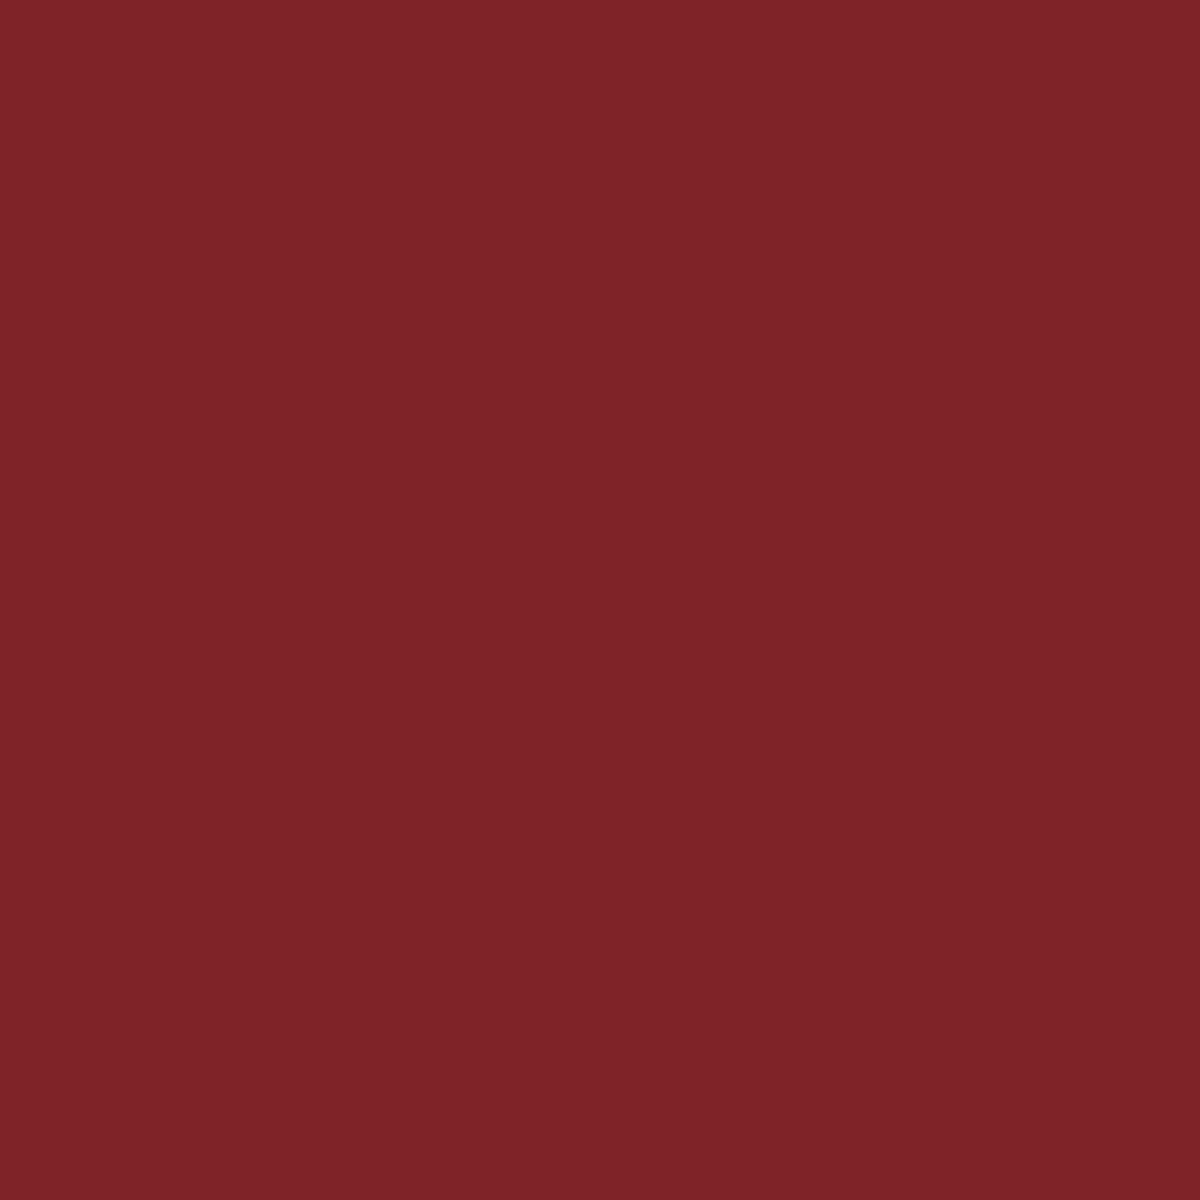 Quadratisches Falt-Karten-Set I 15 x 15 15 15 cm - mit Brief-Umschlägen & Einlege-Blätter I Royalblau I 75 Stück I KomplettpaketI Qualitätsmarke  FarbenFroh® von GUSTAV NEUSER® B07D4FVGFV Grukarten & Einladungsumschlge Verpackungsvie 37c401